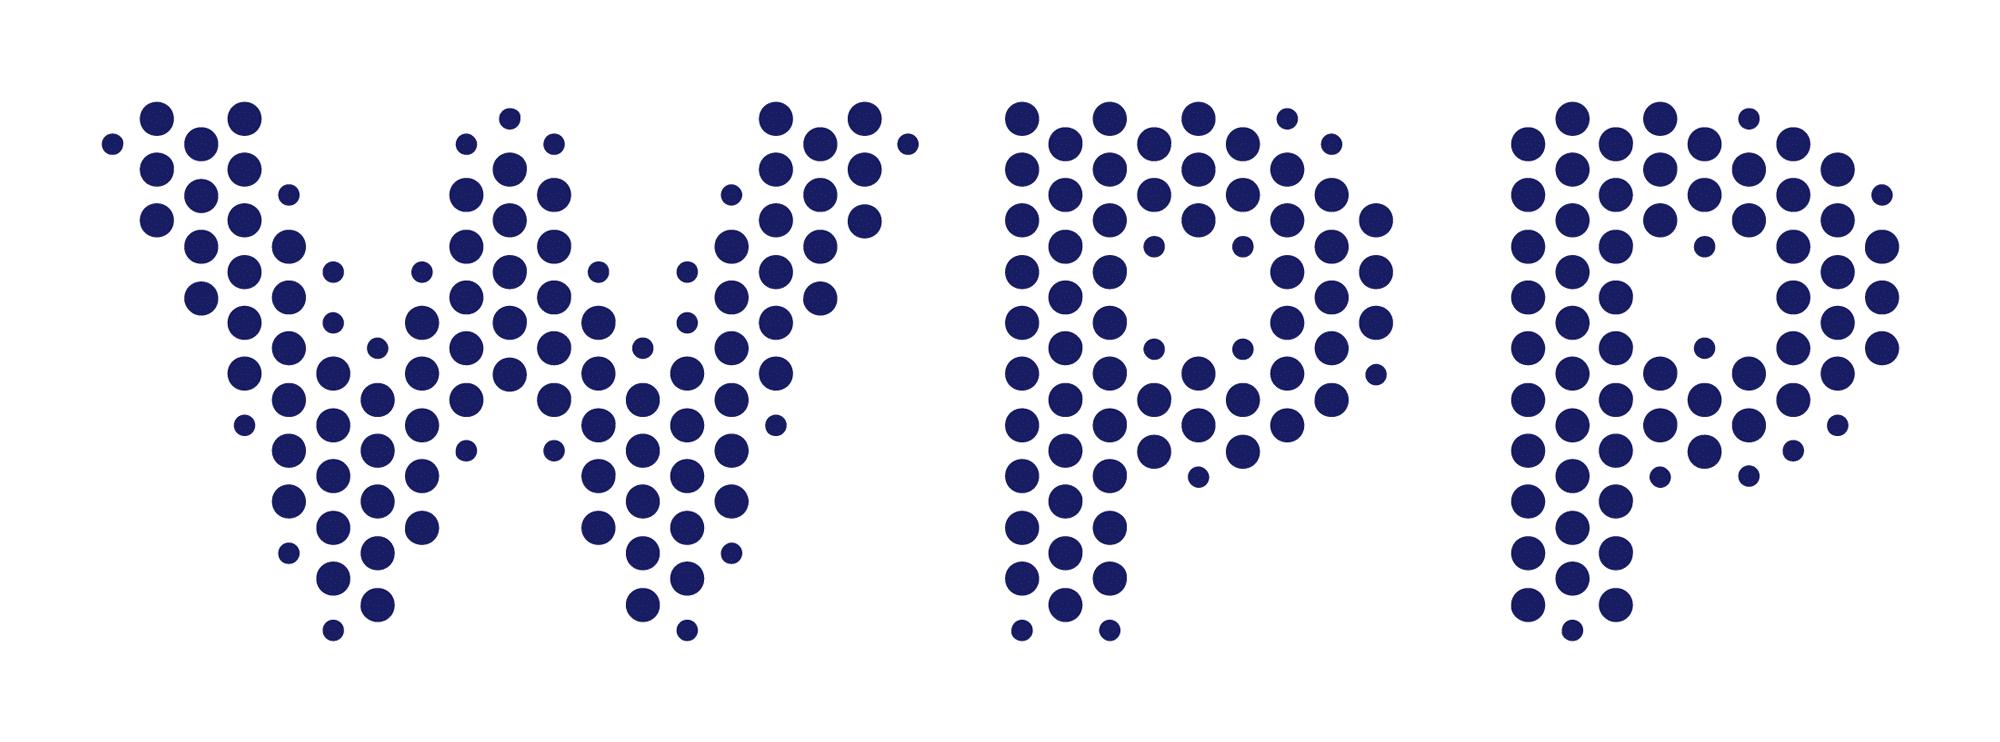 WPP logo